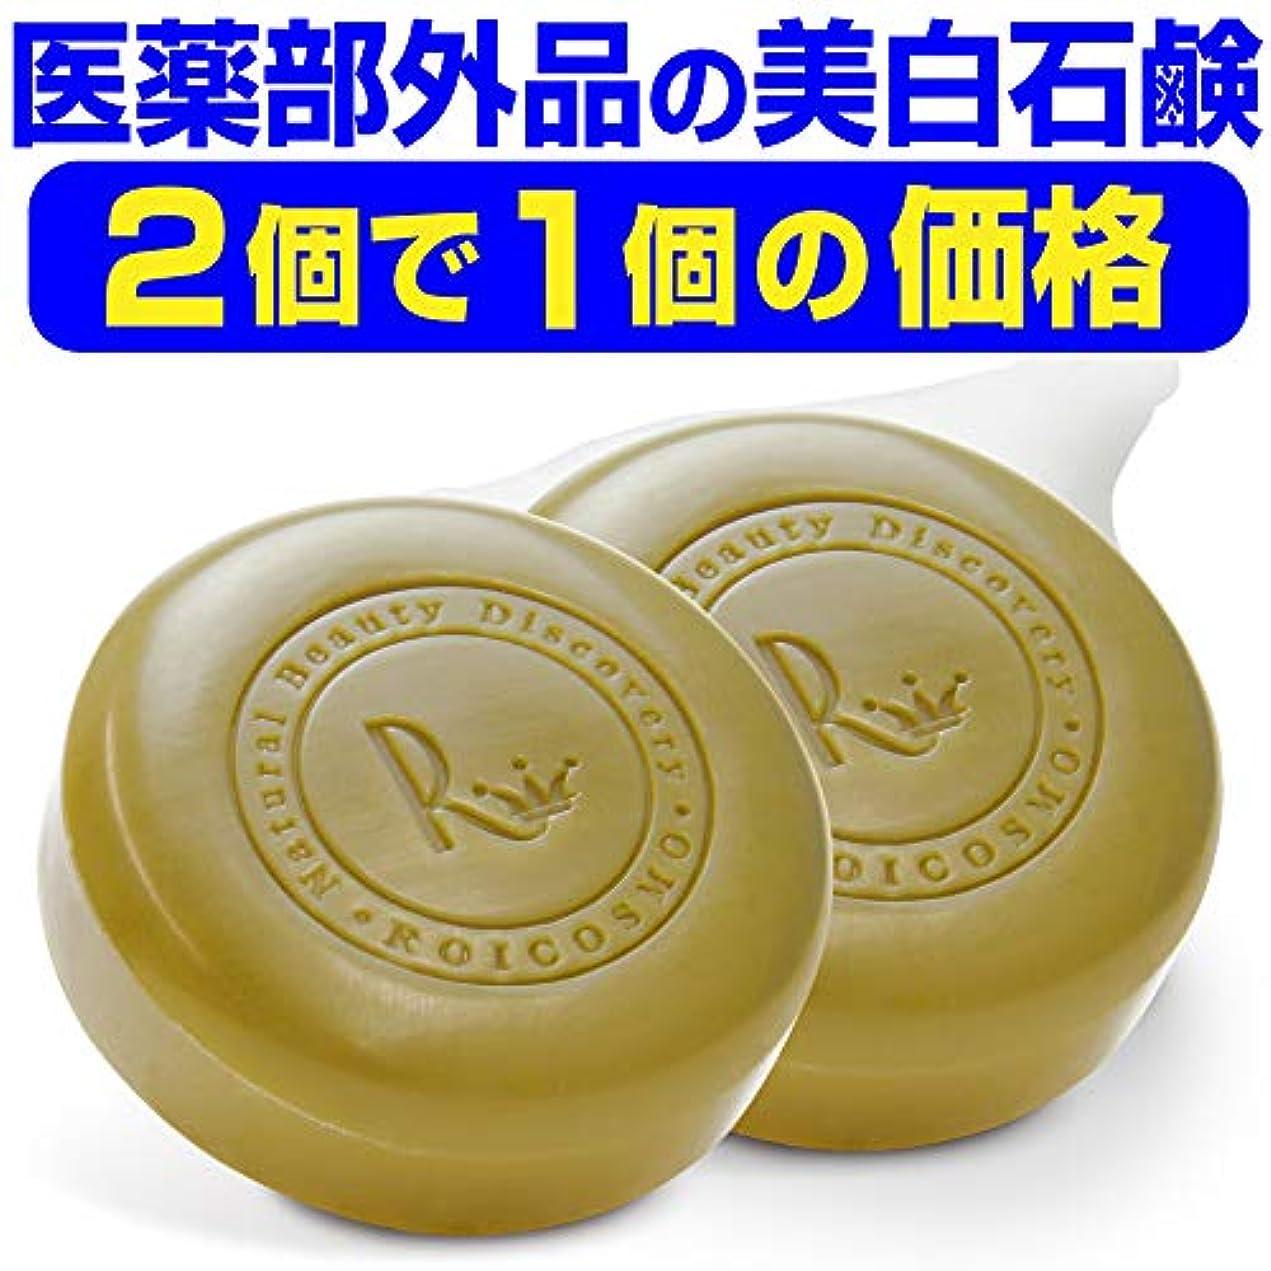 知覚的換気する偏心2個まとめ買い9%OFF 美白石鹸/ビタミンC270倍の美白成分配合の 洗顔石鹸 固形『ホワイトソープ100g×2個』